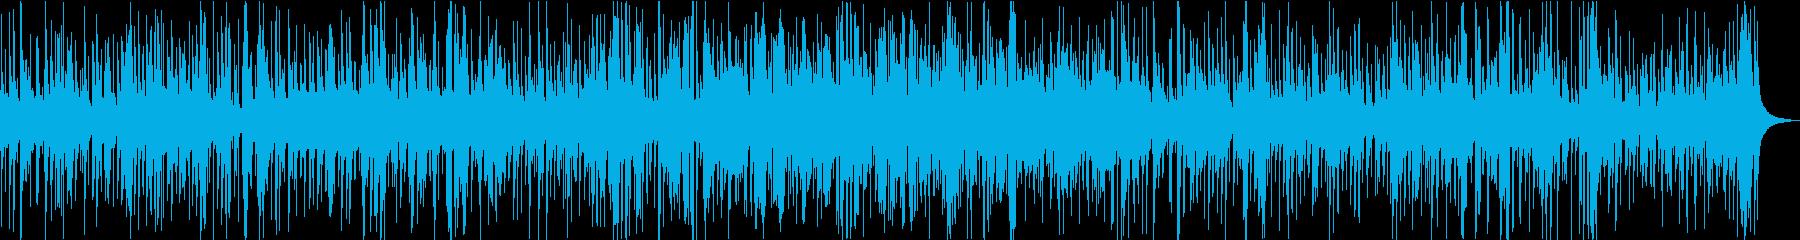 爽やかなアコースティックジャズ楽曲の再生済みの波形